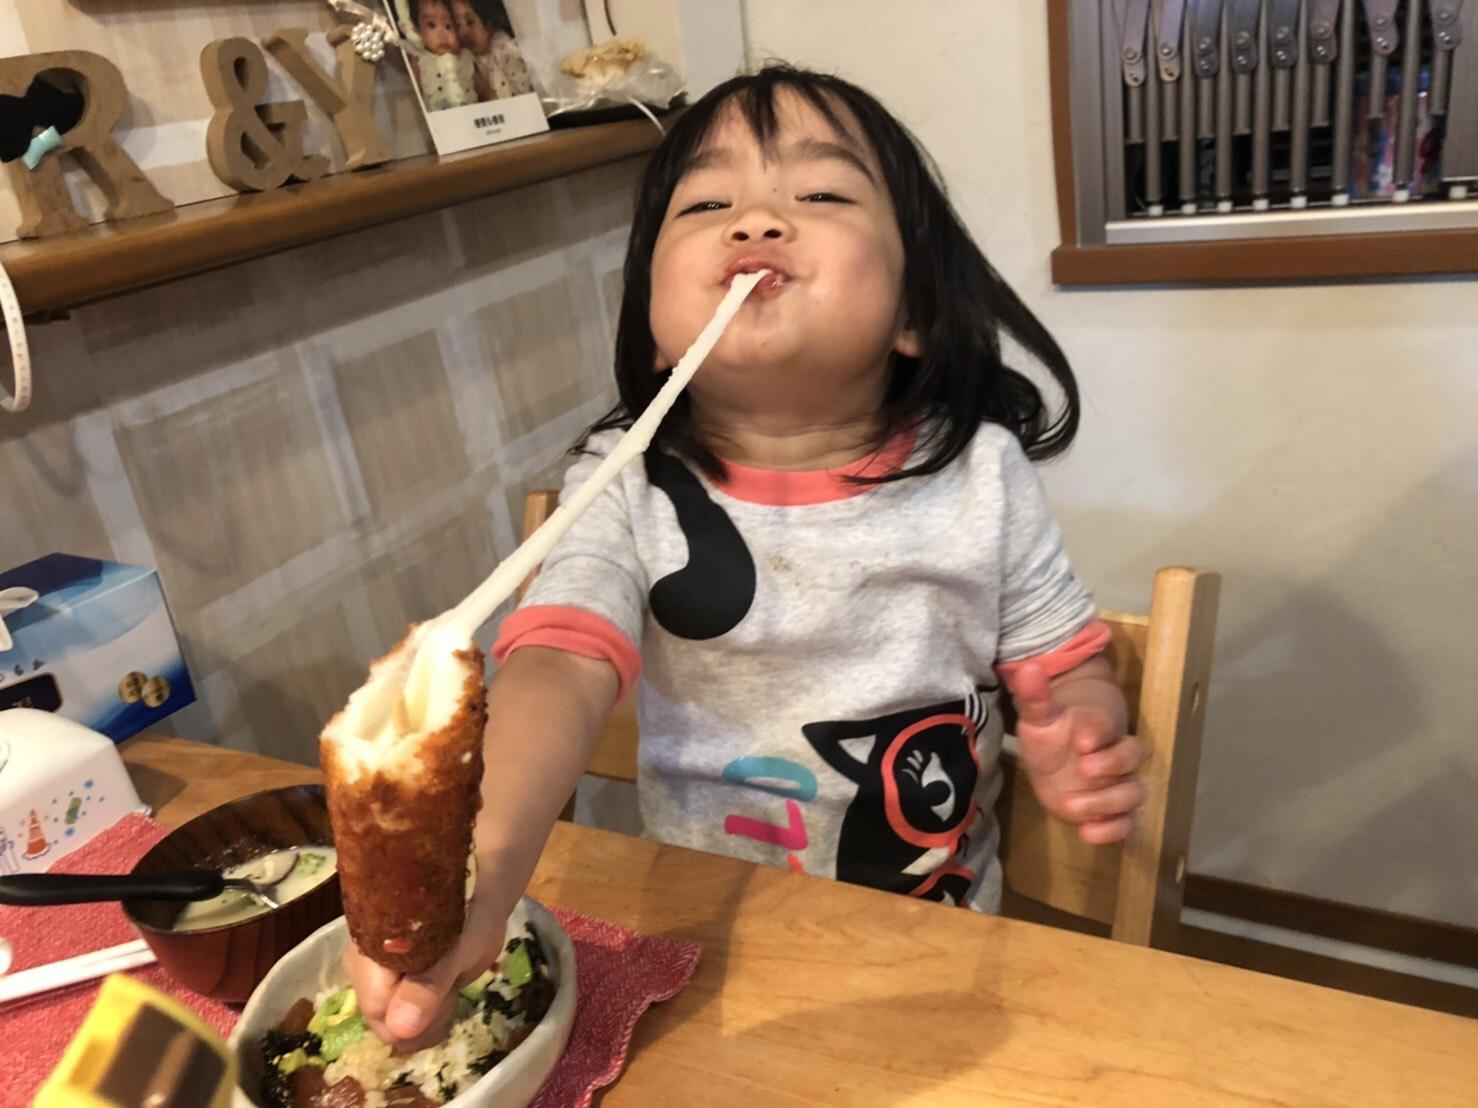 子供がはんぺいを食べる様子